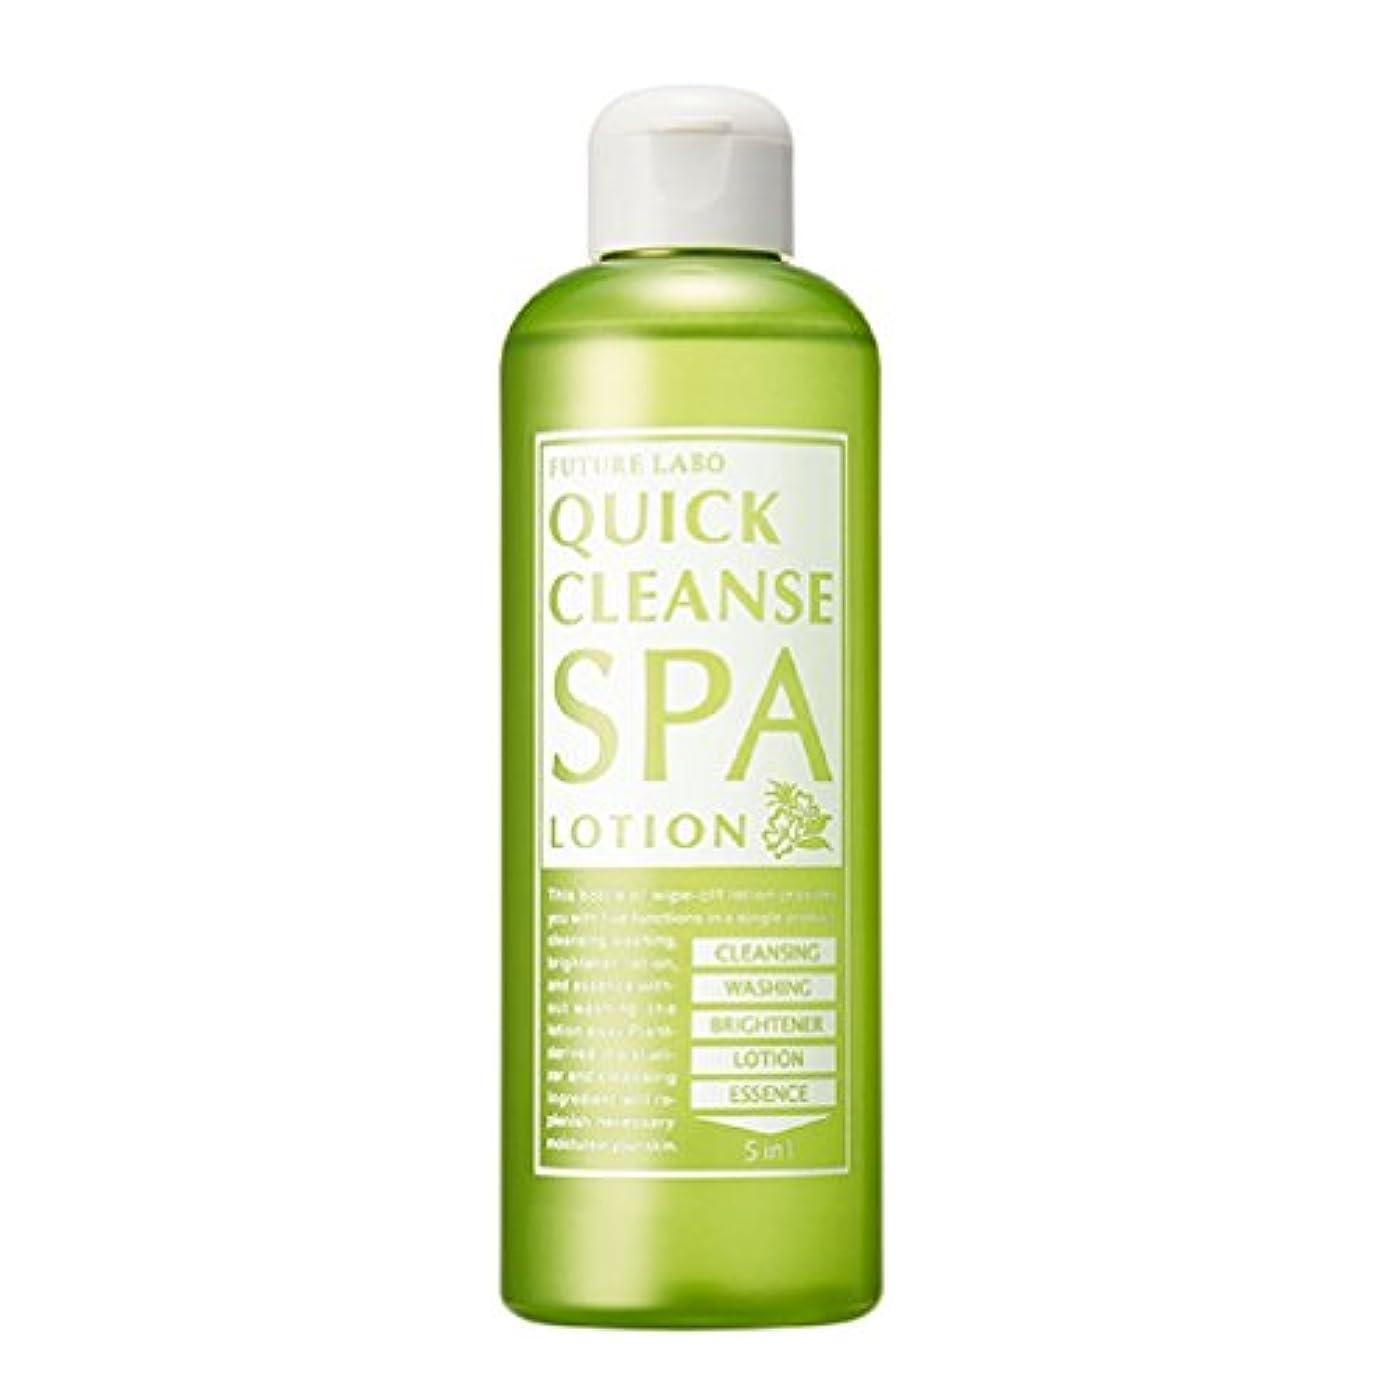 モバイル浴室ブラジャーフューチャーラボ クイッククレンズ スパローション プラス リフレッシュハーブの香り 250ml